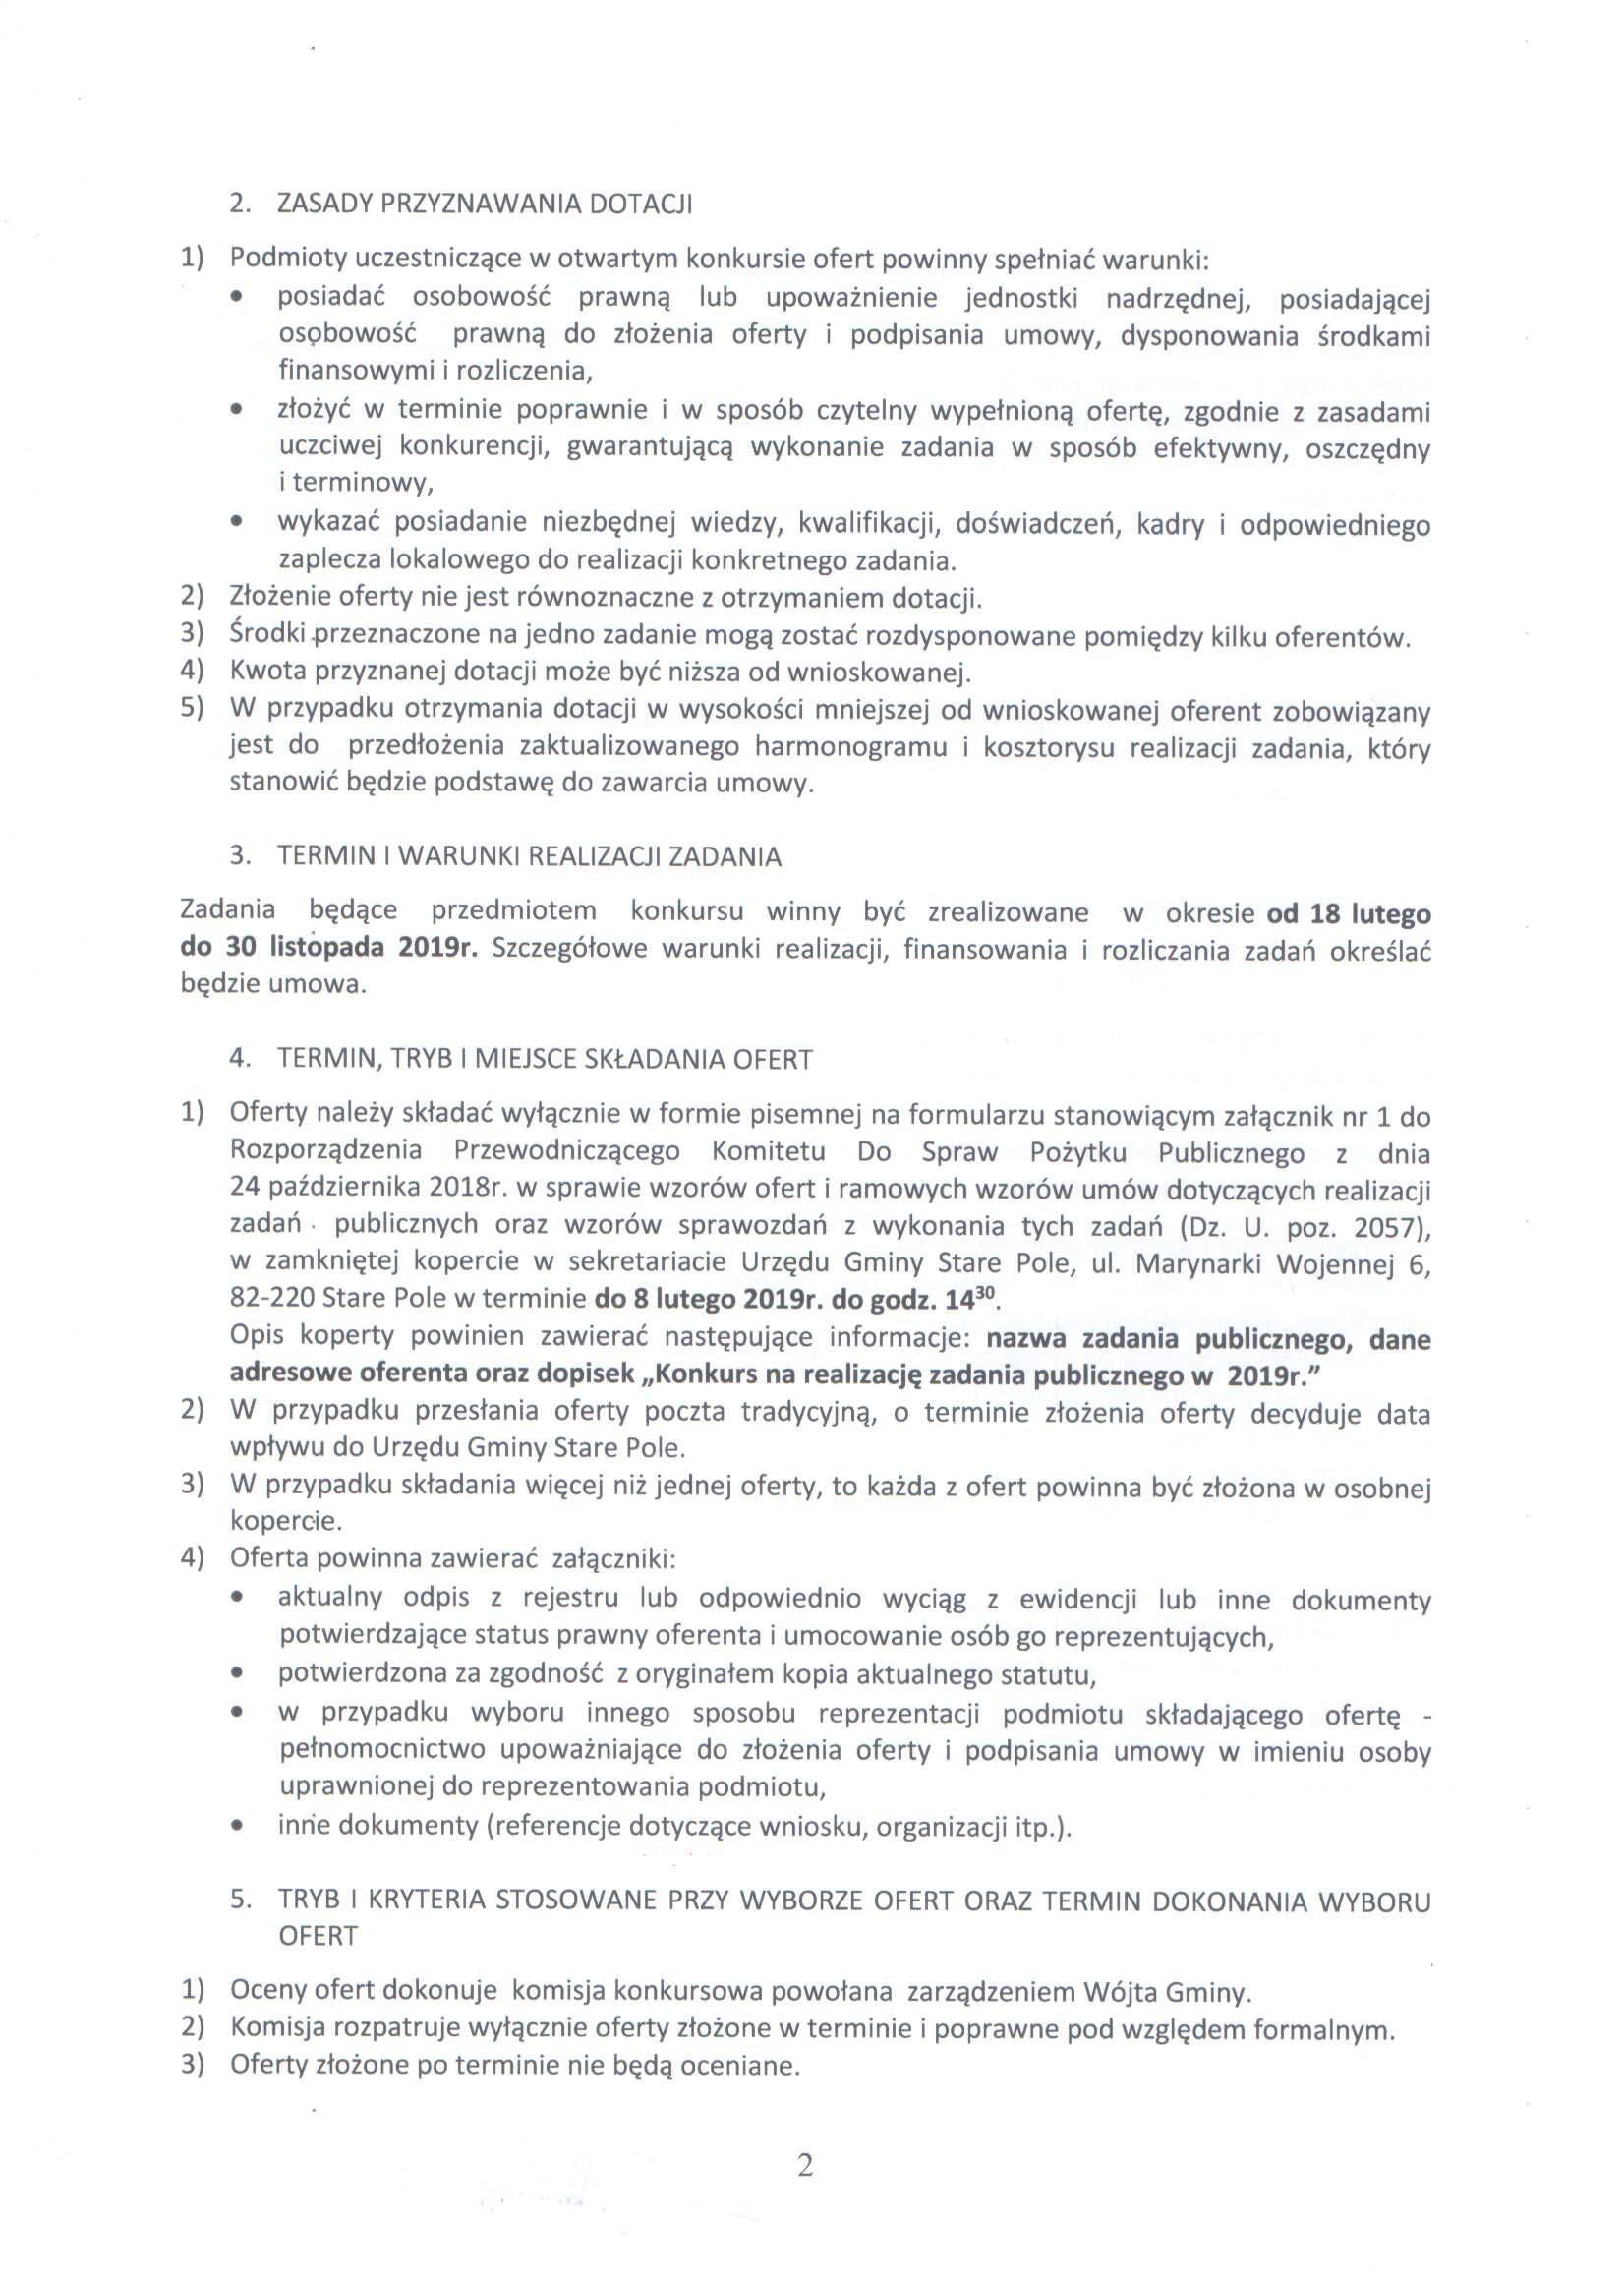 Ogłoszenie z dnia 14 stycznia 2019 r. o otwartym konkursie ofert - str. 2